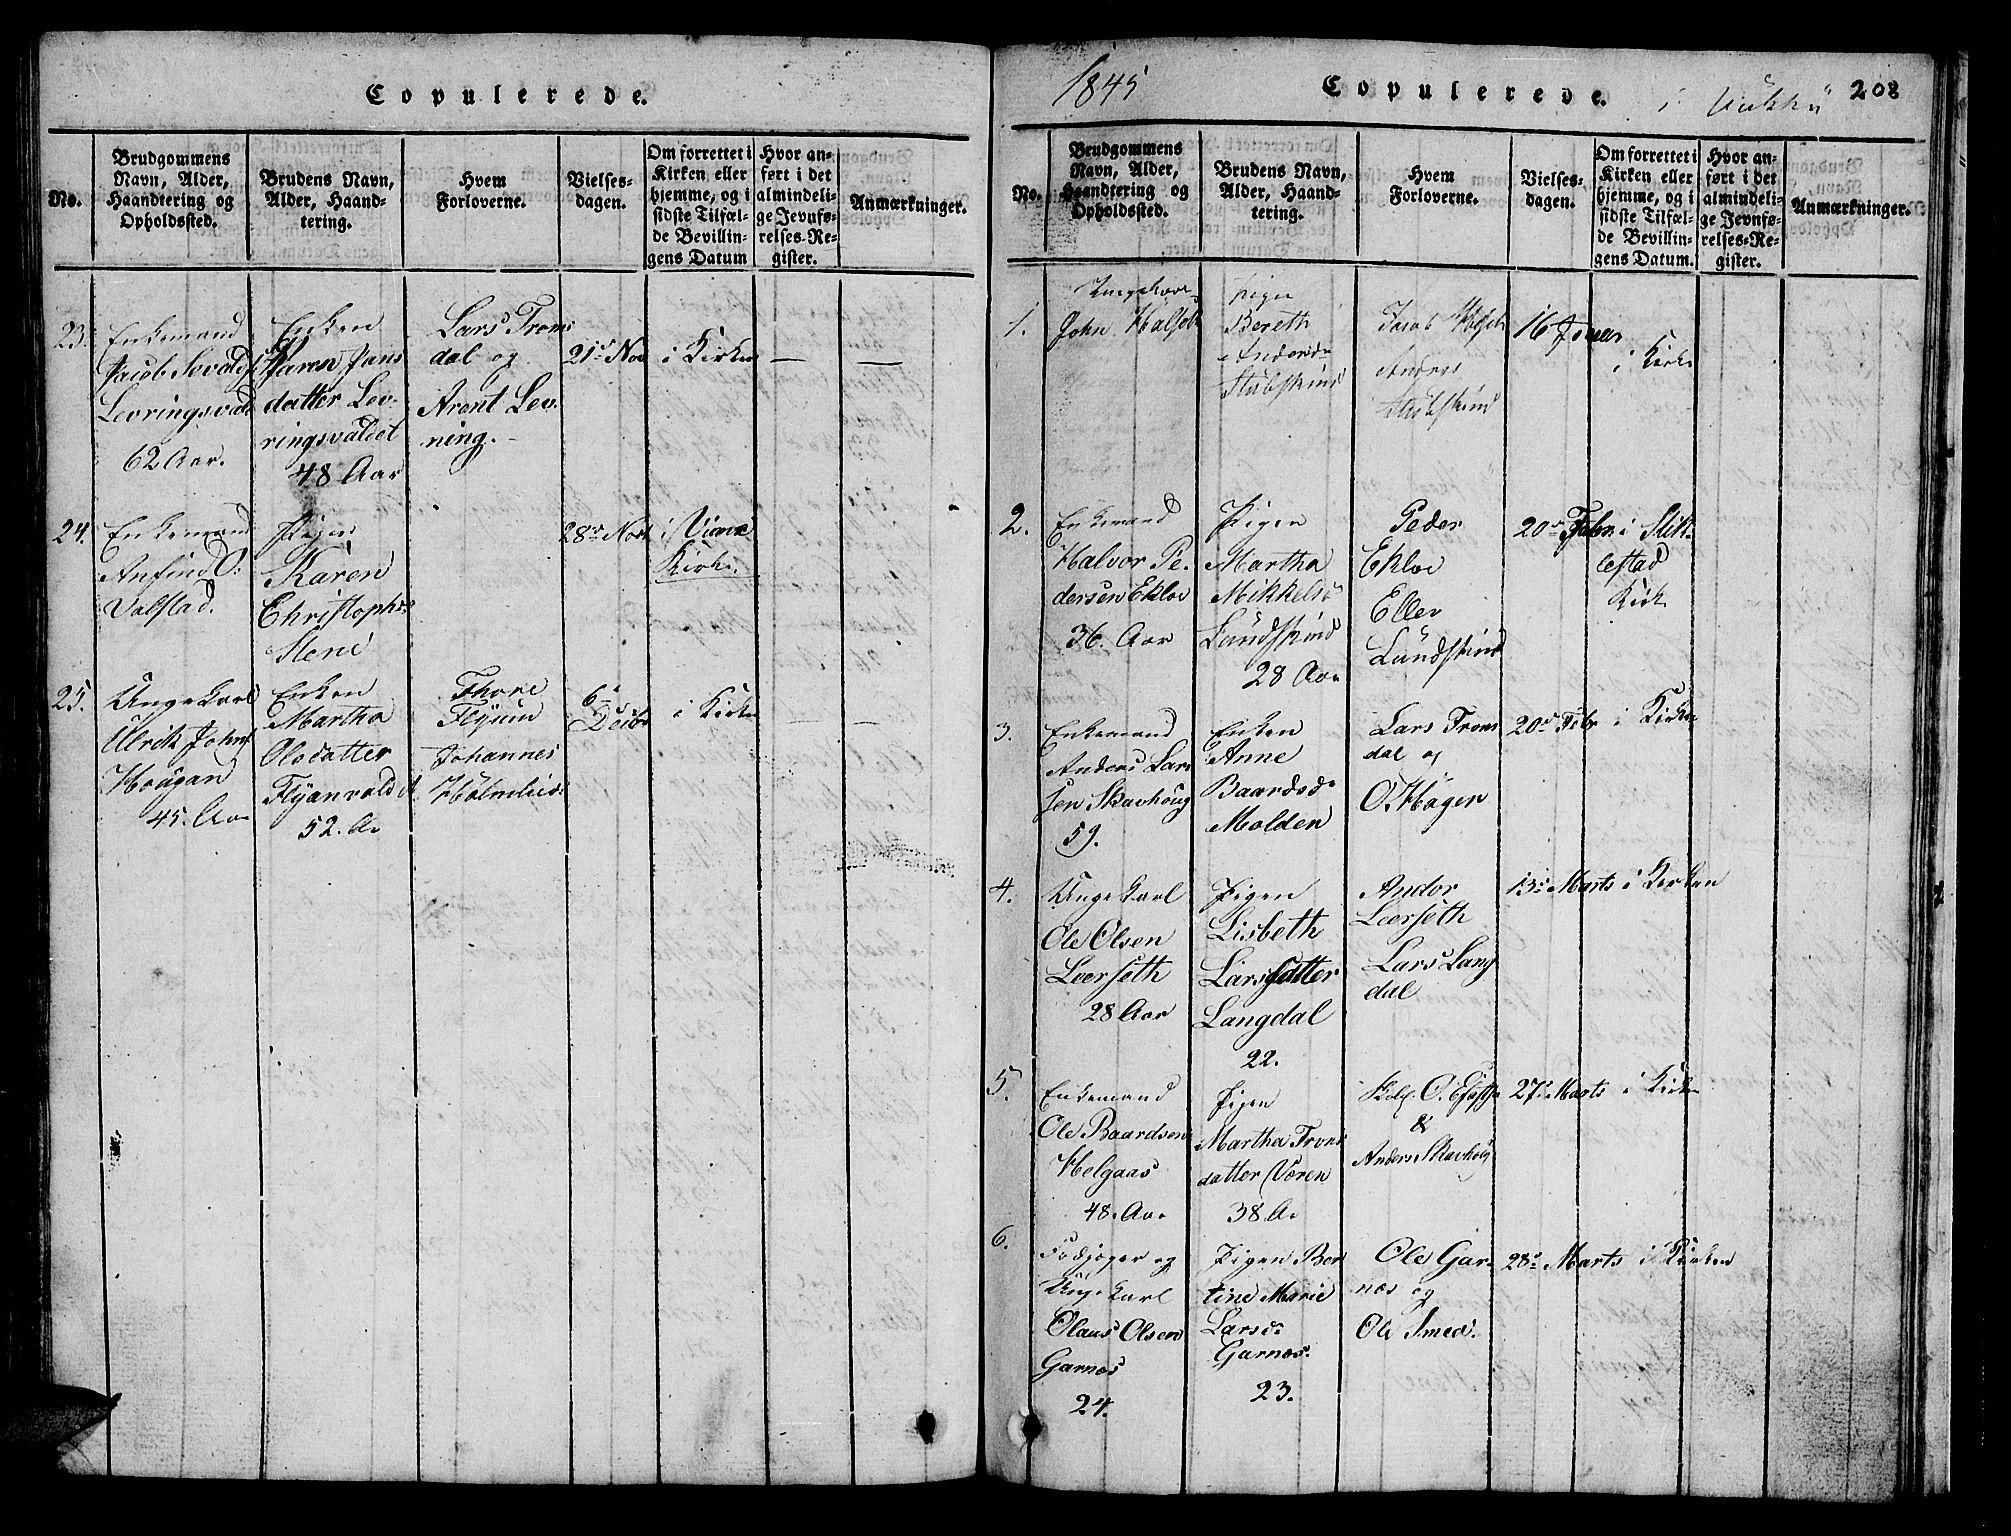 SAT, Ministerialprotokoller, klokkerbøker og fødselsregistre - Nord-Trøndelag, 723/L0251: Klokkerbok nr. 723C01 /2, 1843-1845, s. 208